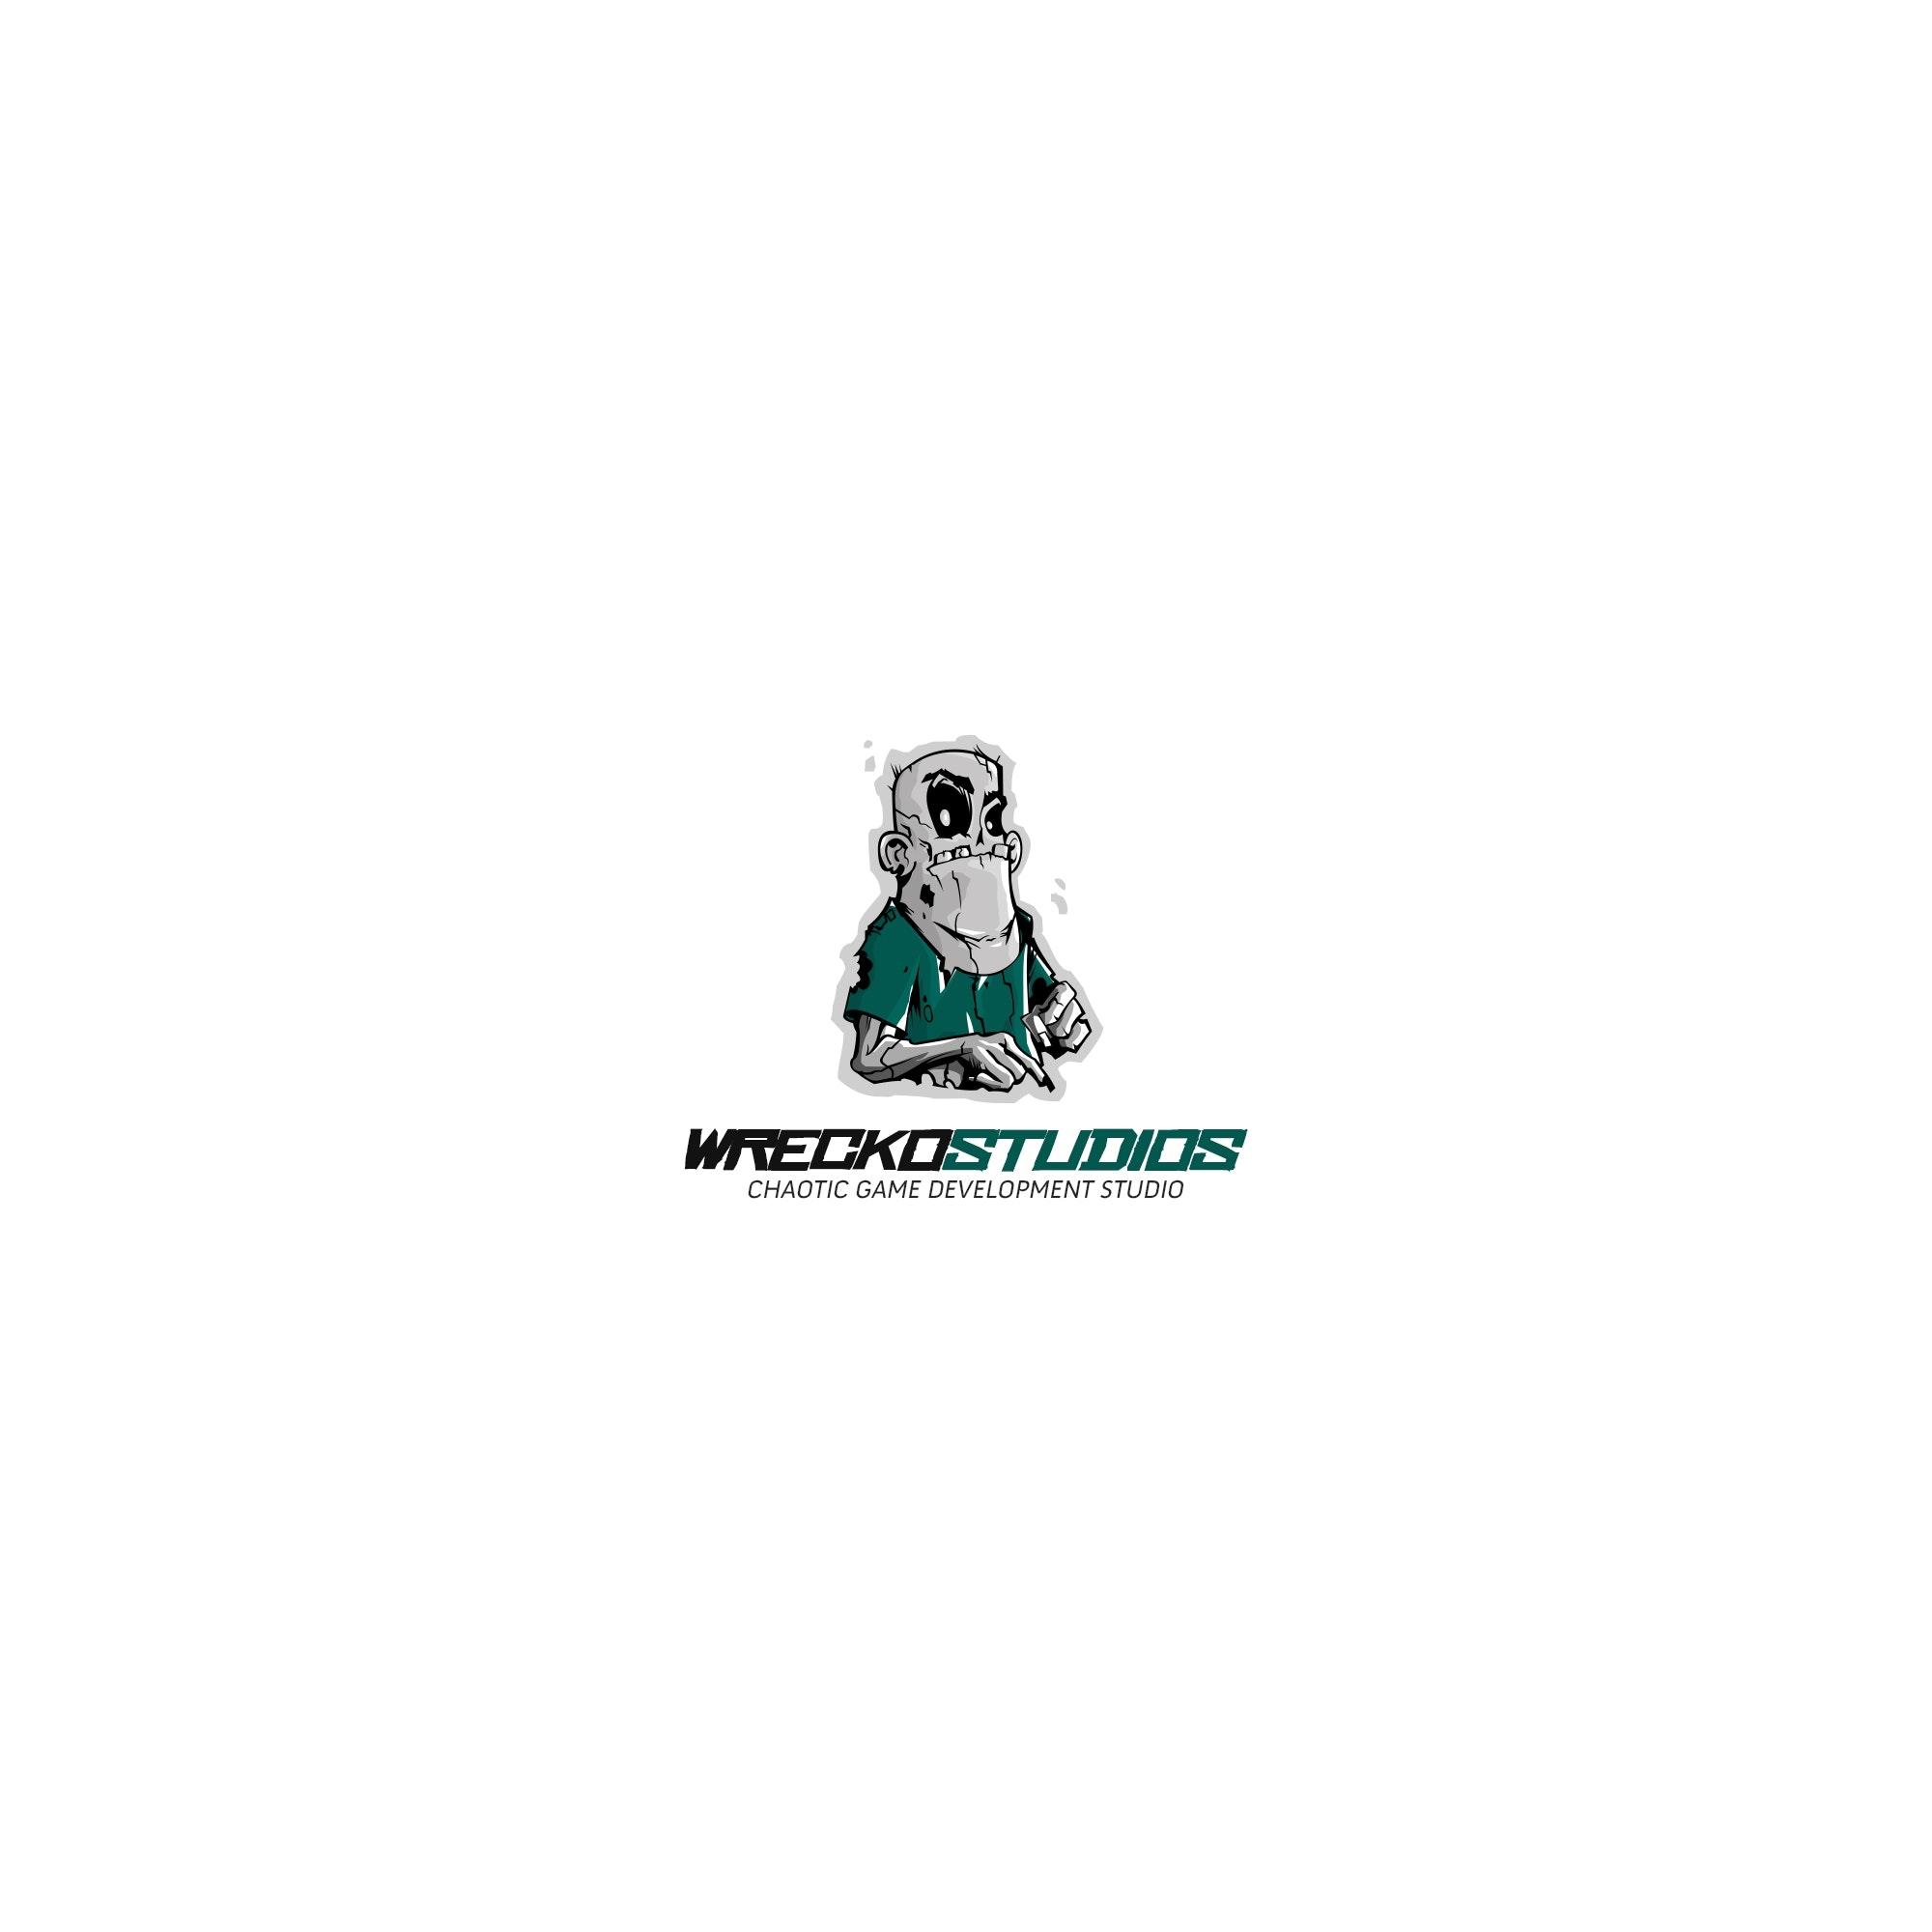 35 logo version wrecko